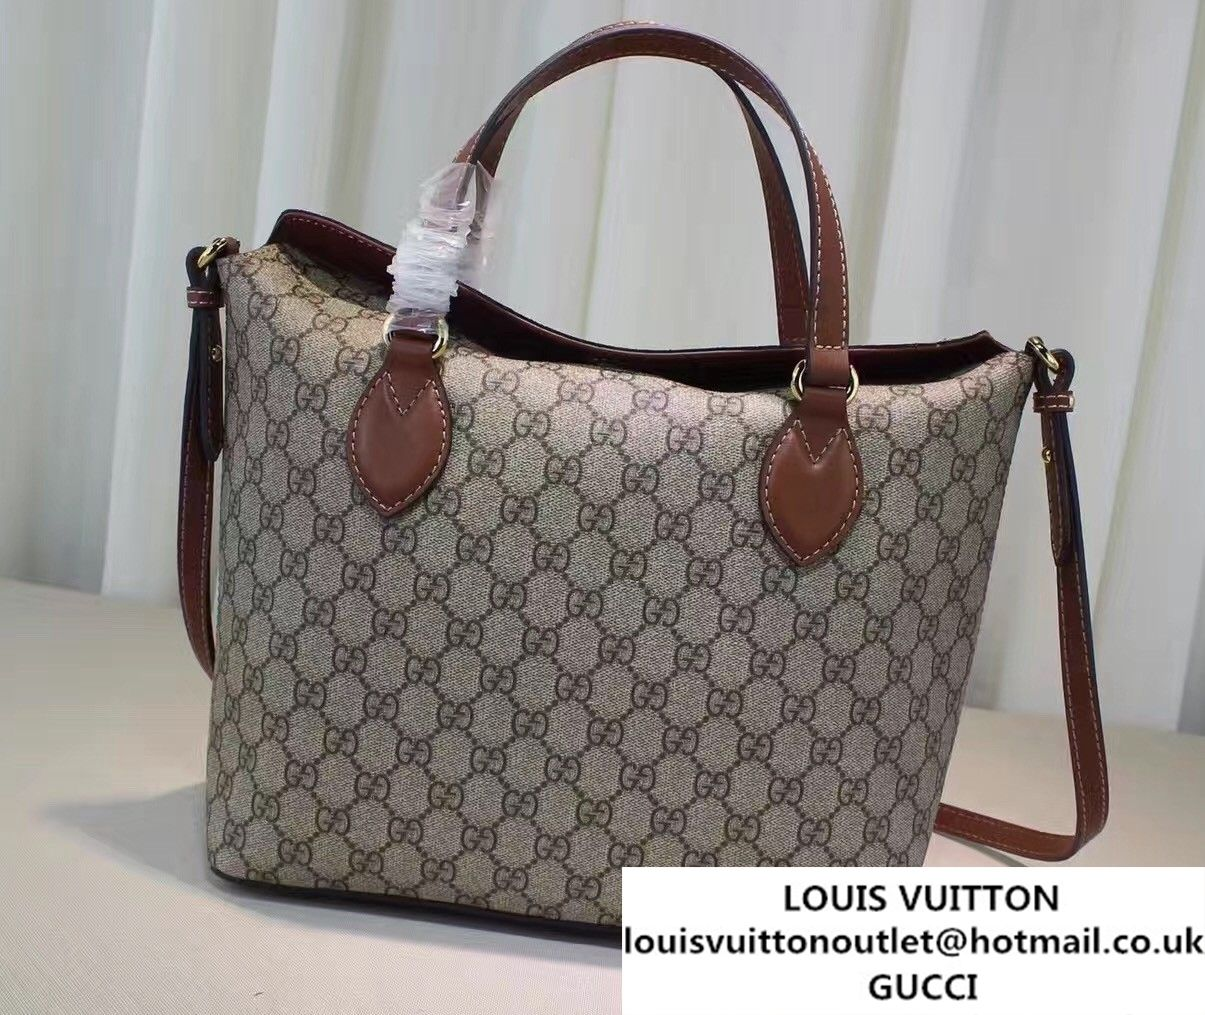 6e1eb0792f78 Gucci GG Supreme Small Top Handle Tote Bag 429147 Brown | Gucci ...